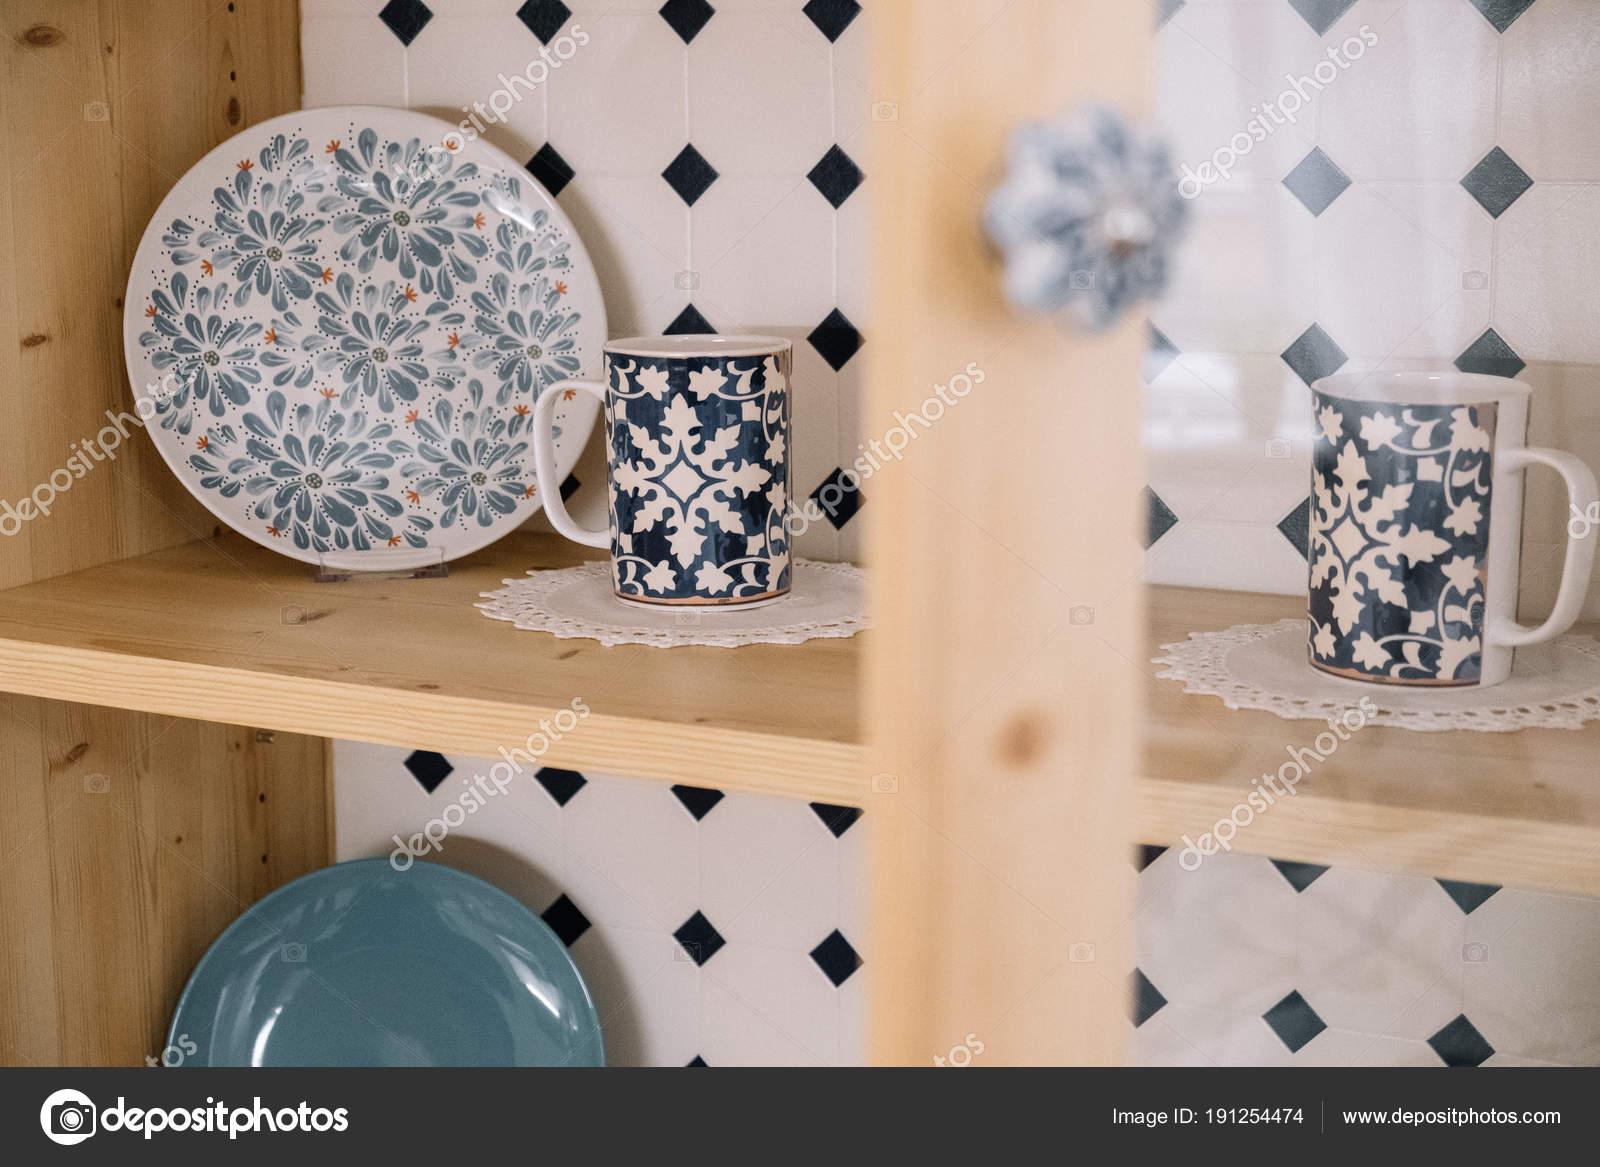 Credenza Con Tazze : Mobile da cucina o credenza per piatti foto immagine stock